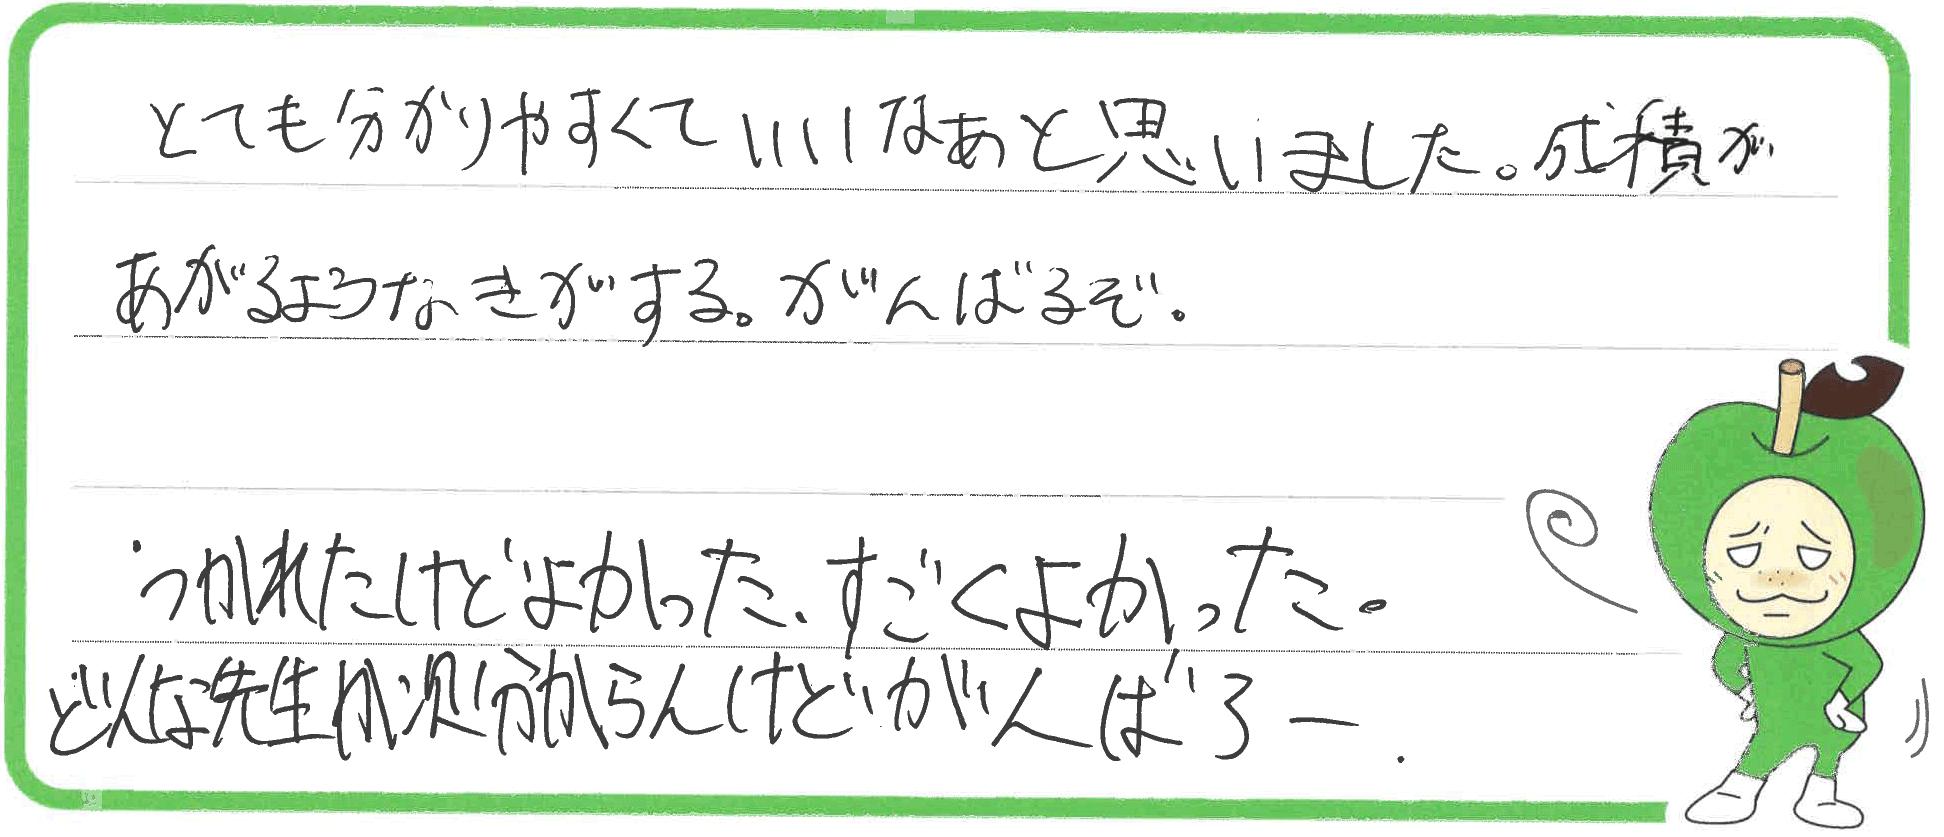 S君・R君(三次市)からの口コミ